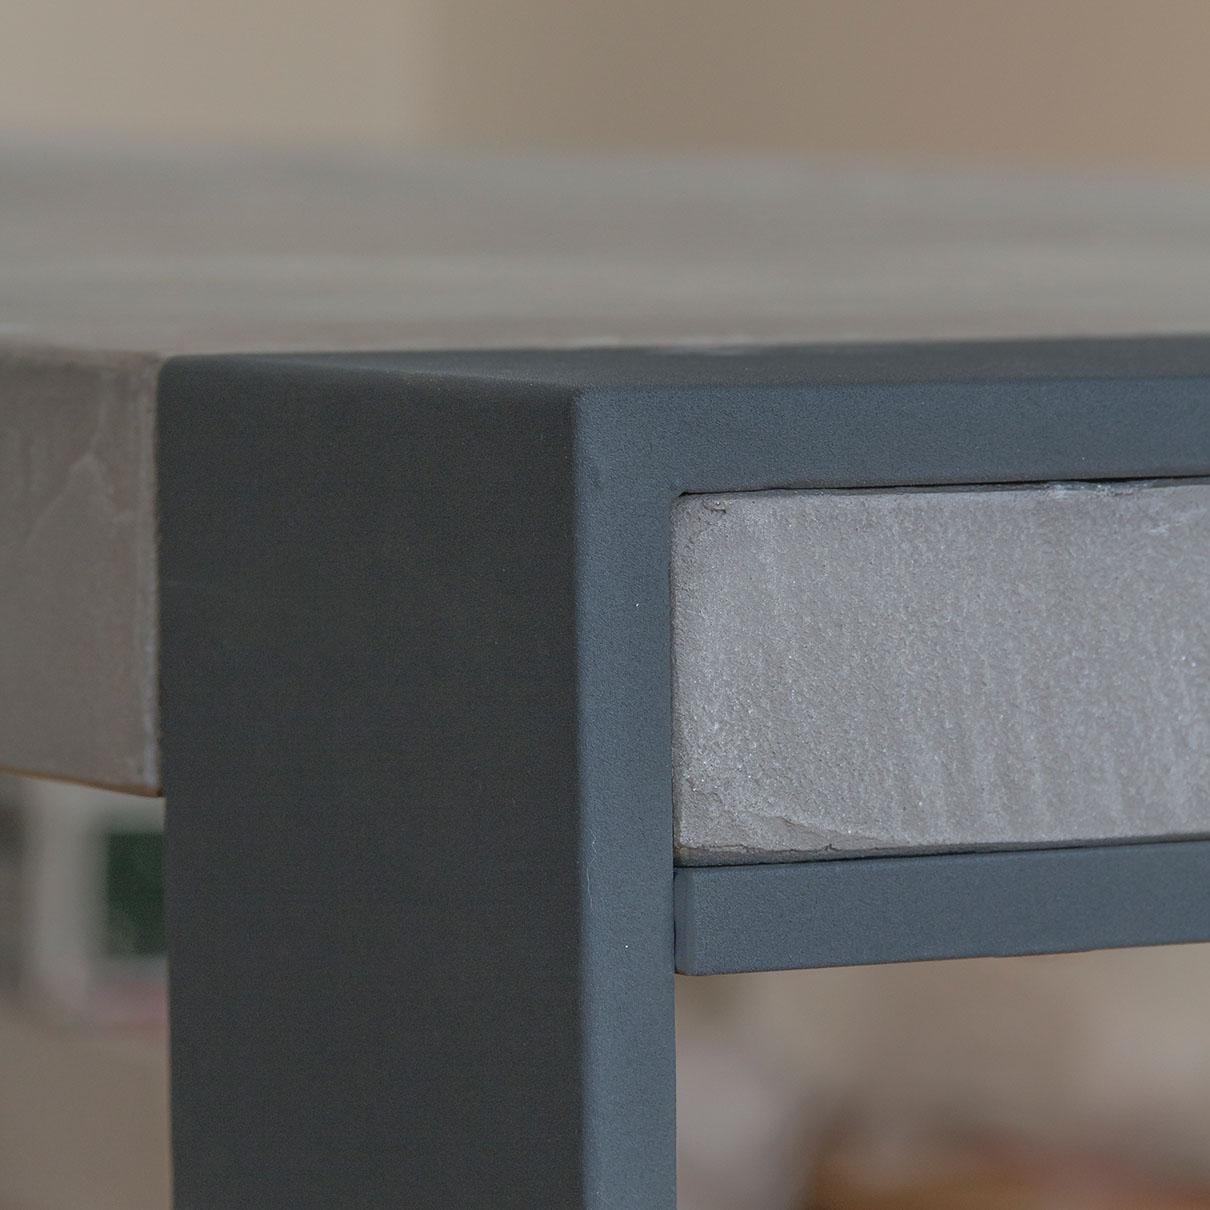 Masstisch Beton Spachtelbeton Esstisch Schreibtisch Betonboden Gussboden fugenlos Treppe grau Küche Bad Badezimmer Wohnzimmer Möbel mainTisch mainBeton mainGrill 35